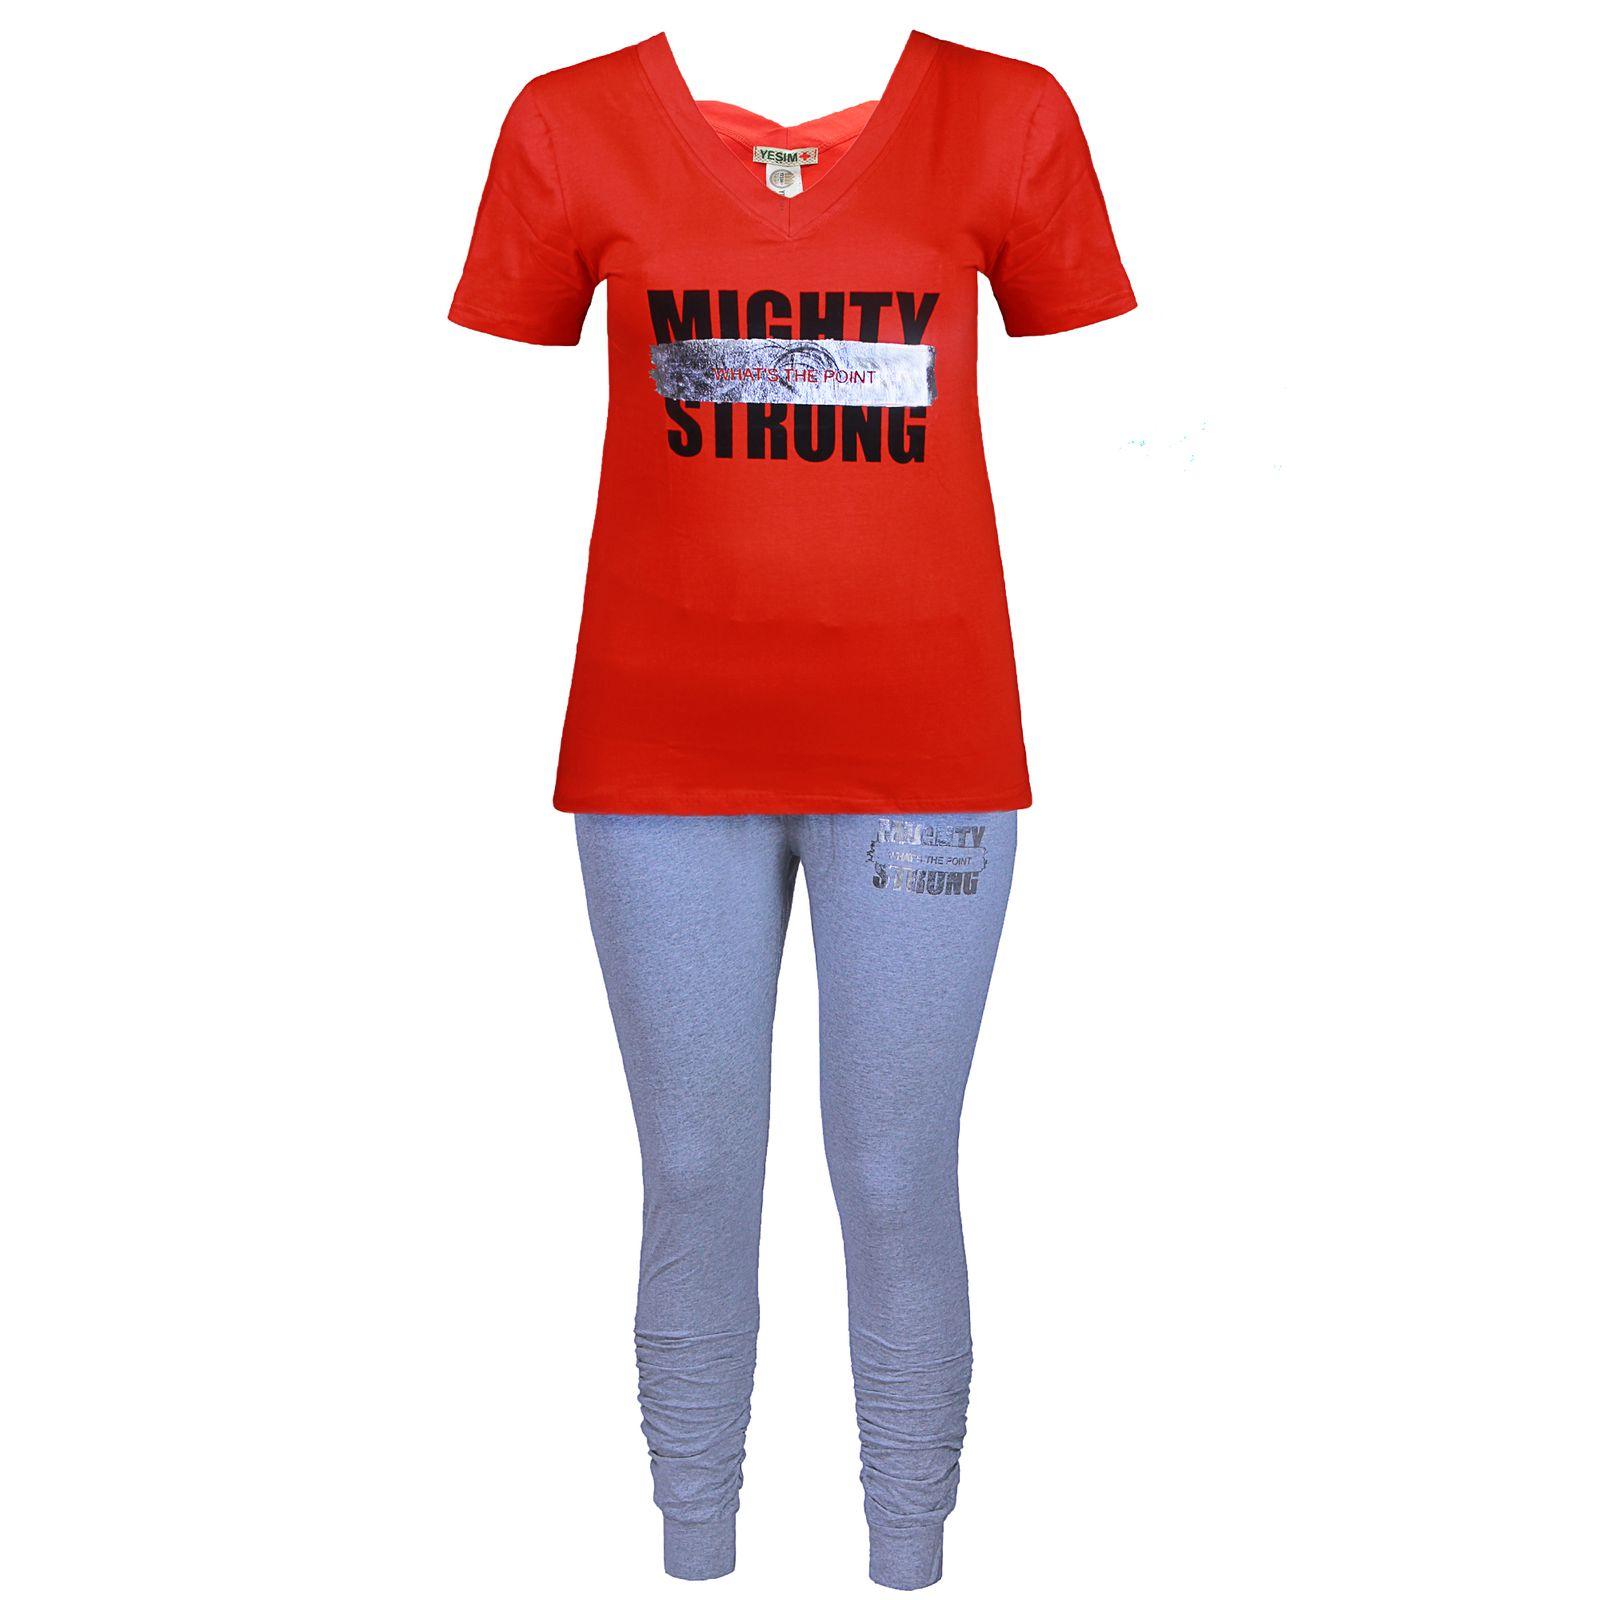 ست تی شرت و لگینگ زنانه یشیم کد YS1102 -  - 2